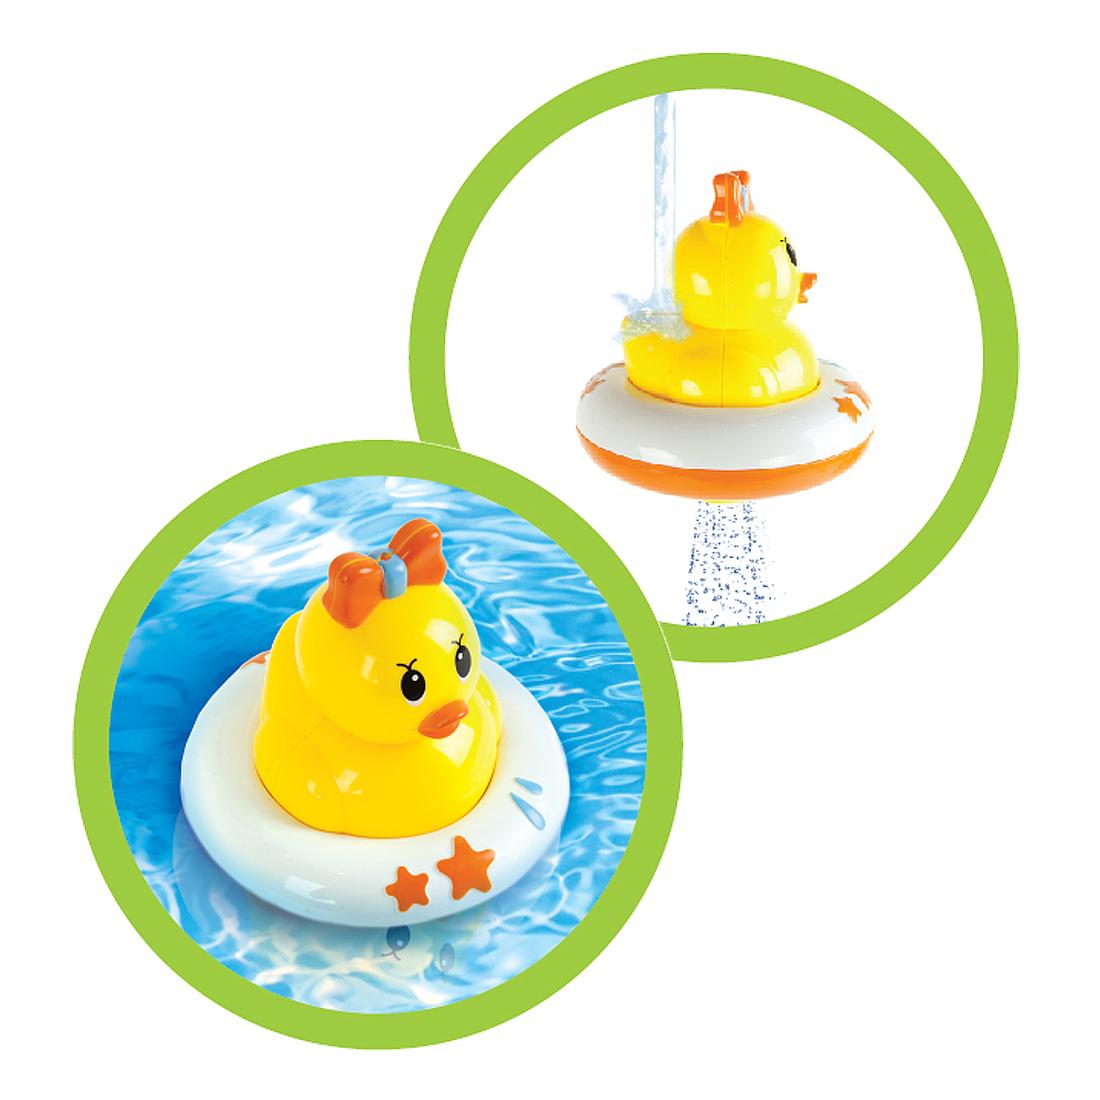 Детские игрушки для ванной Наша игрушка Ути Утя. Водное решето игрушка для купания для ванны жирафики ути утя водная мельница 22 см 939394